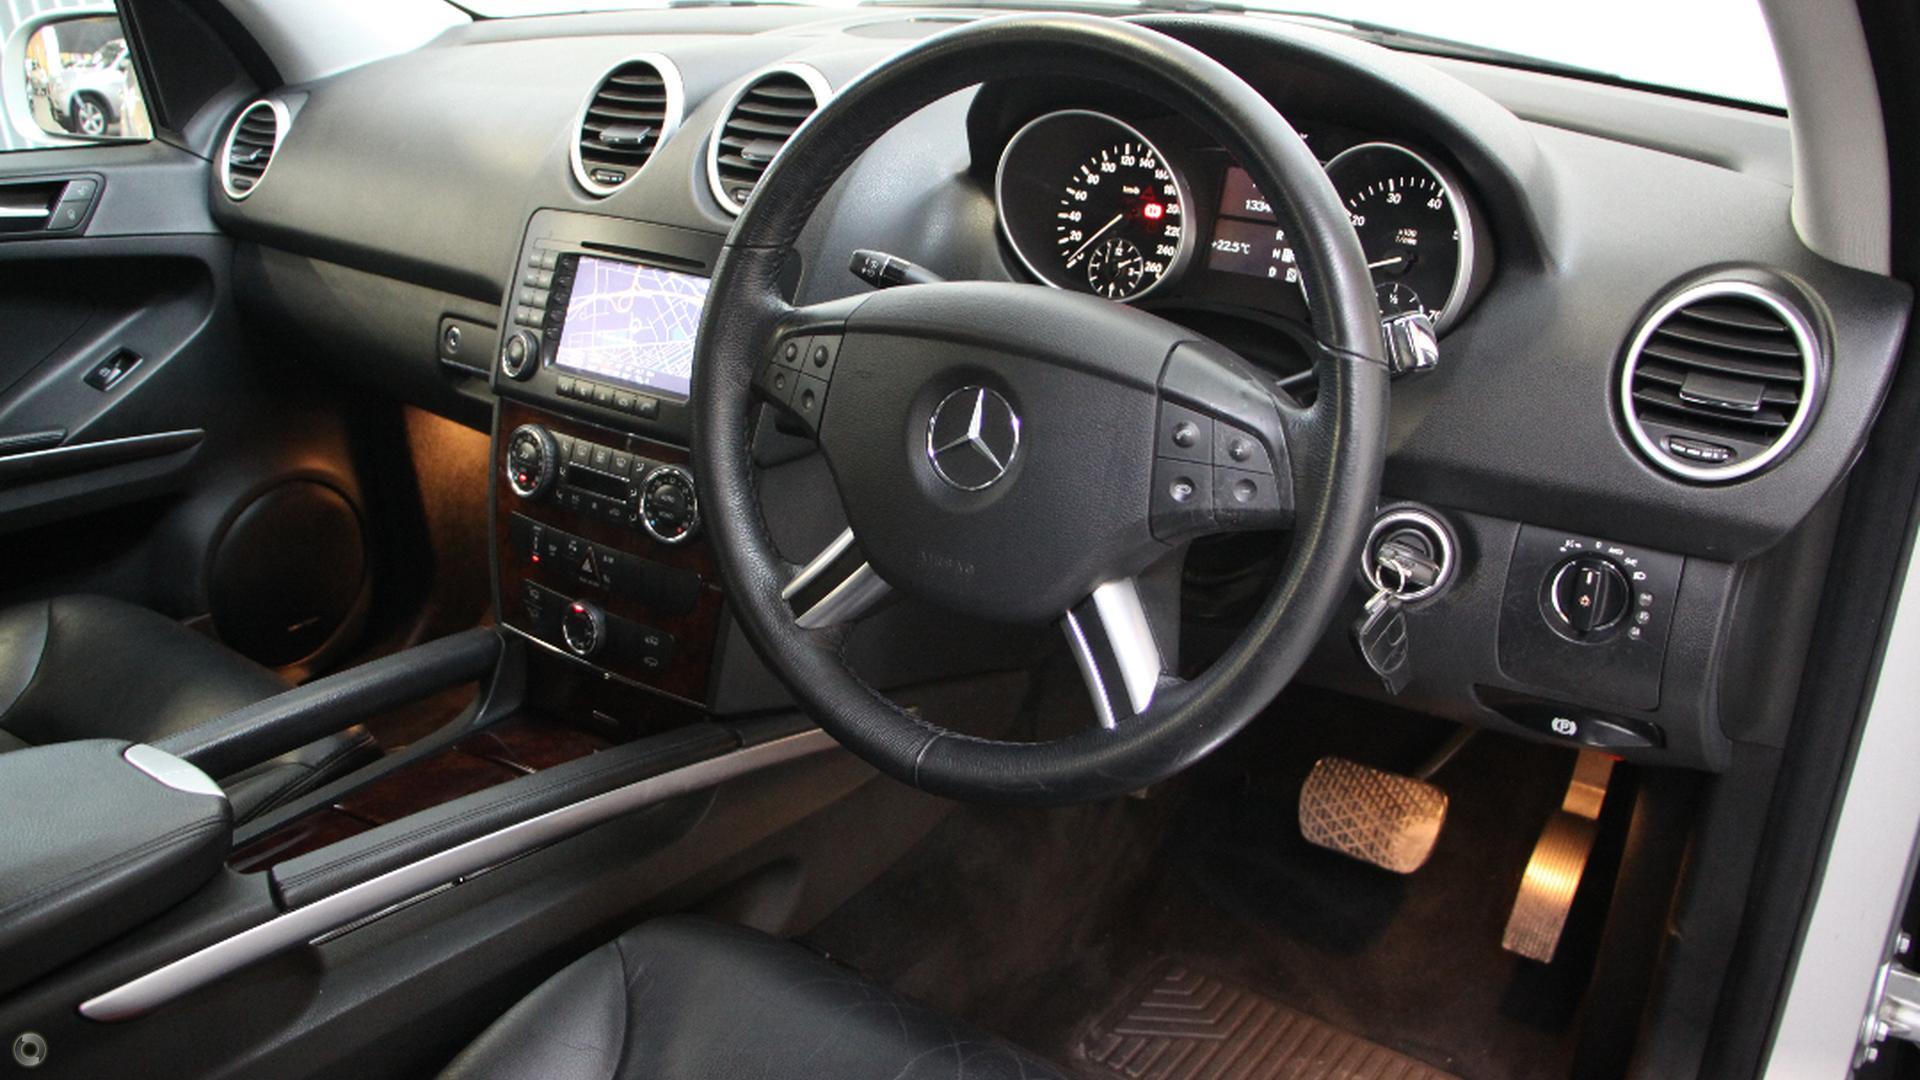 2005 Mercedes-Benz ML500 Luxury W164